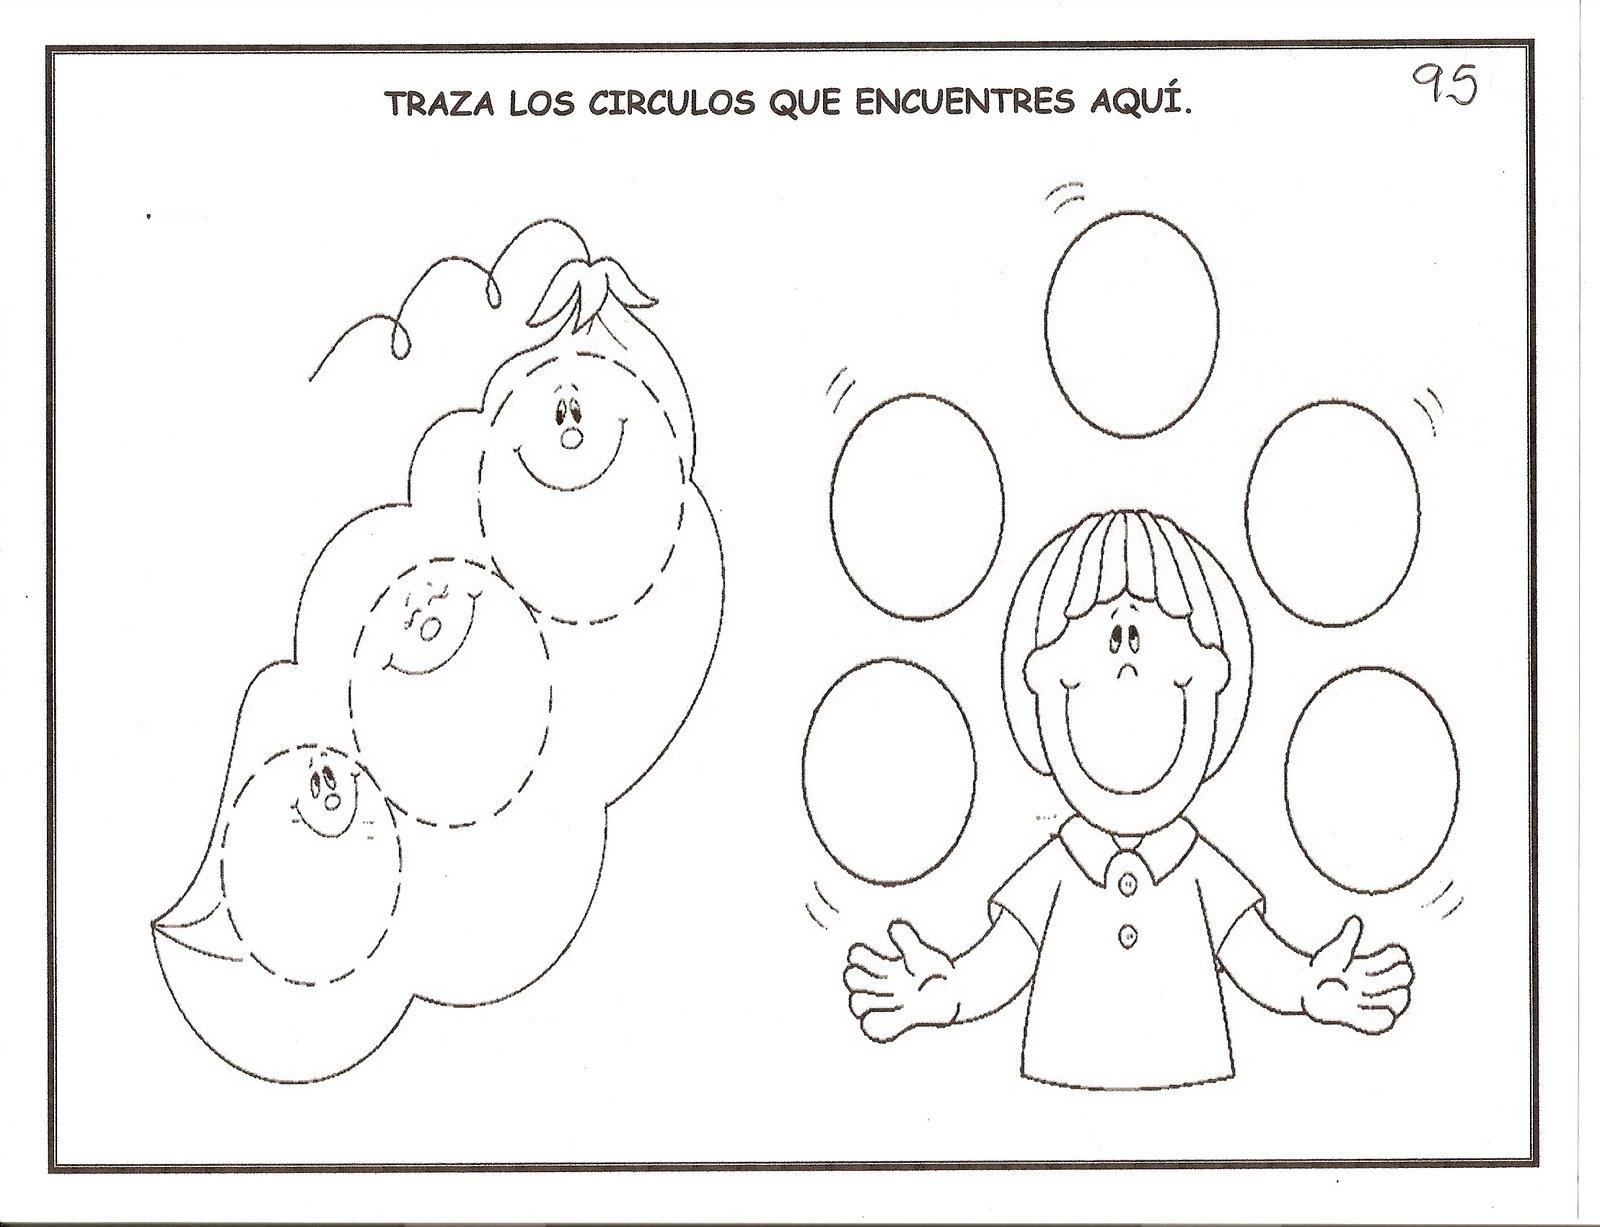 Fichas infantil: Trabaja grafomotricidad, conceptos, matemáticas